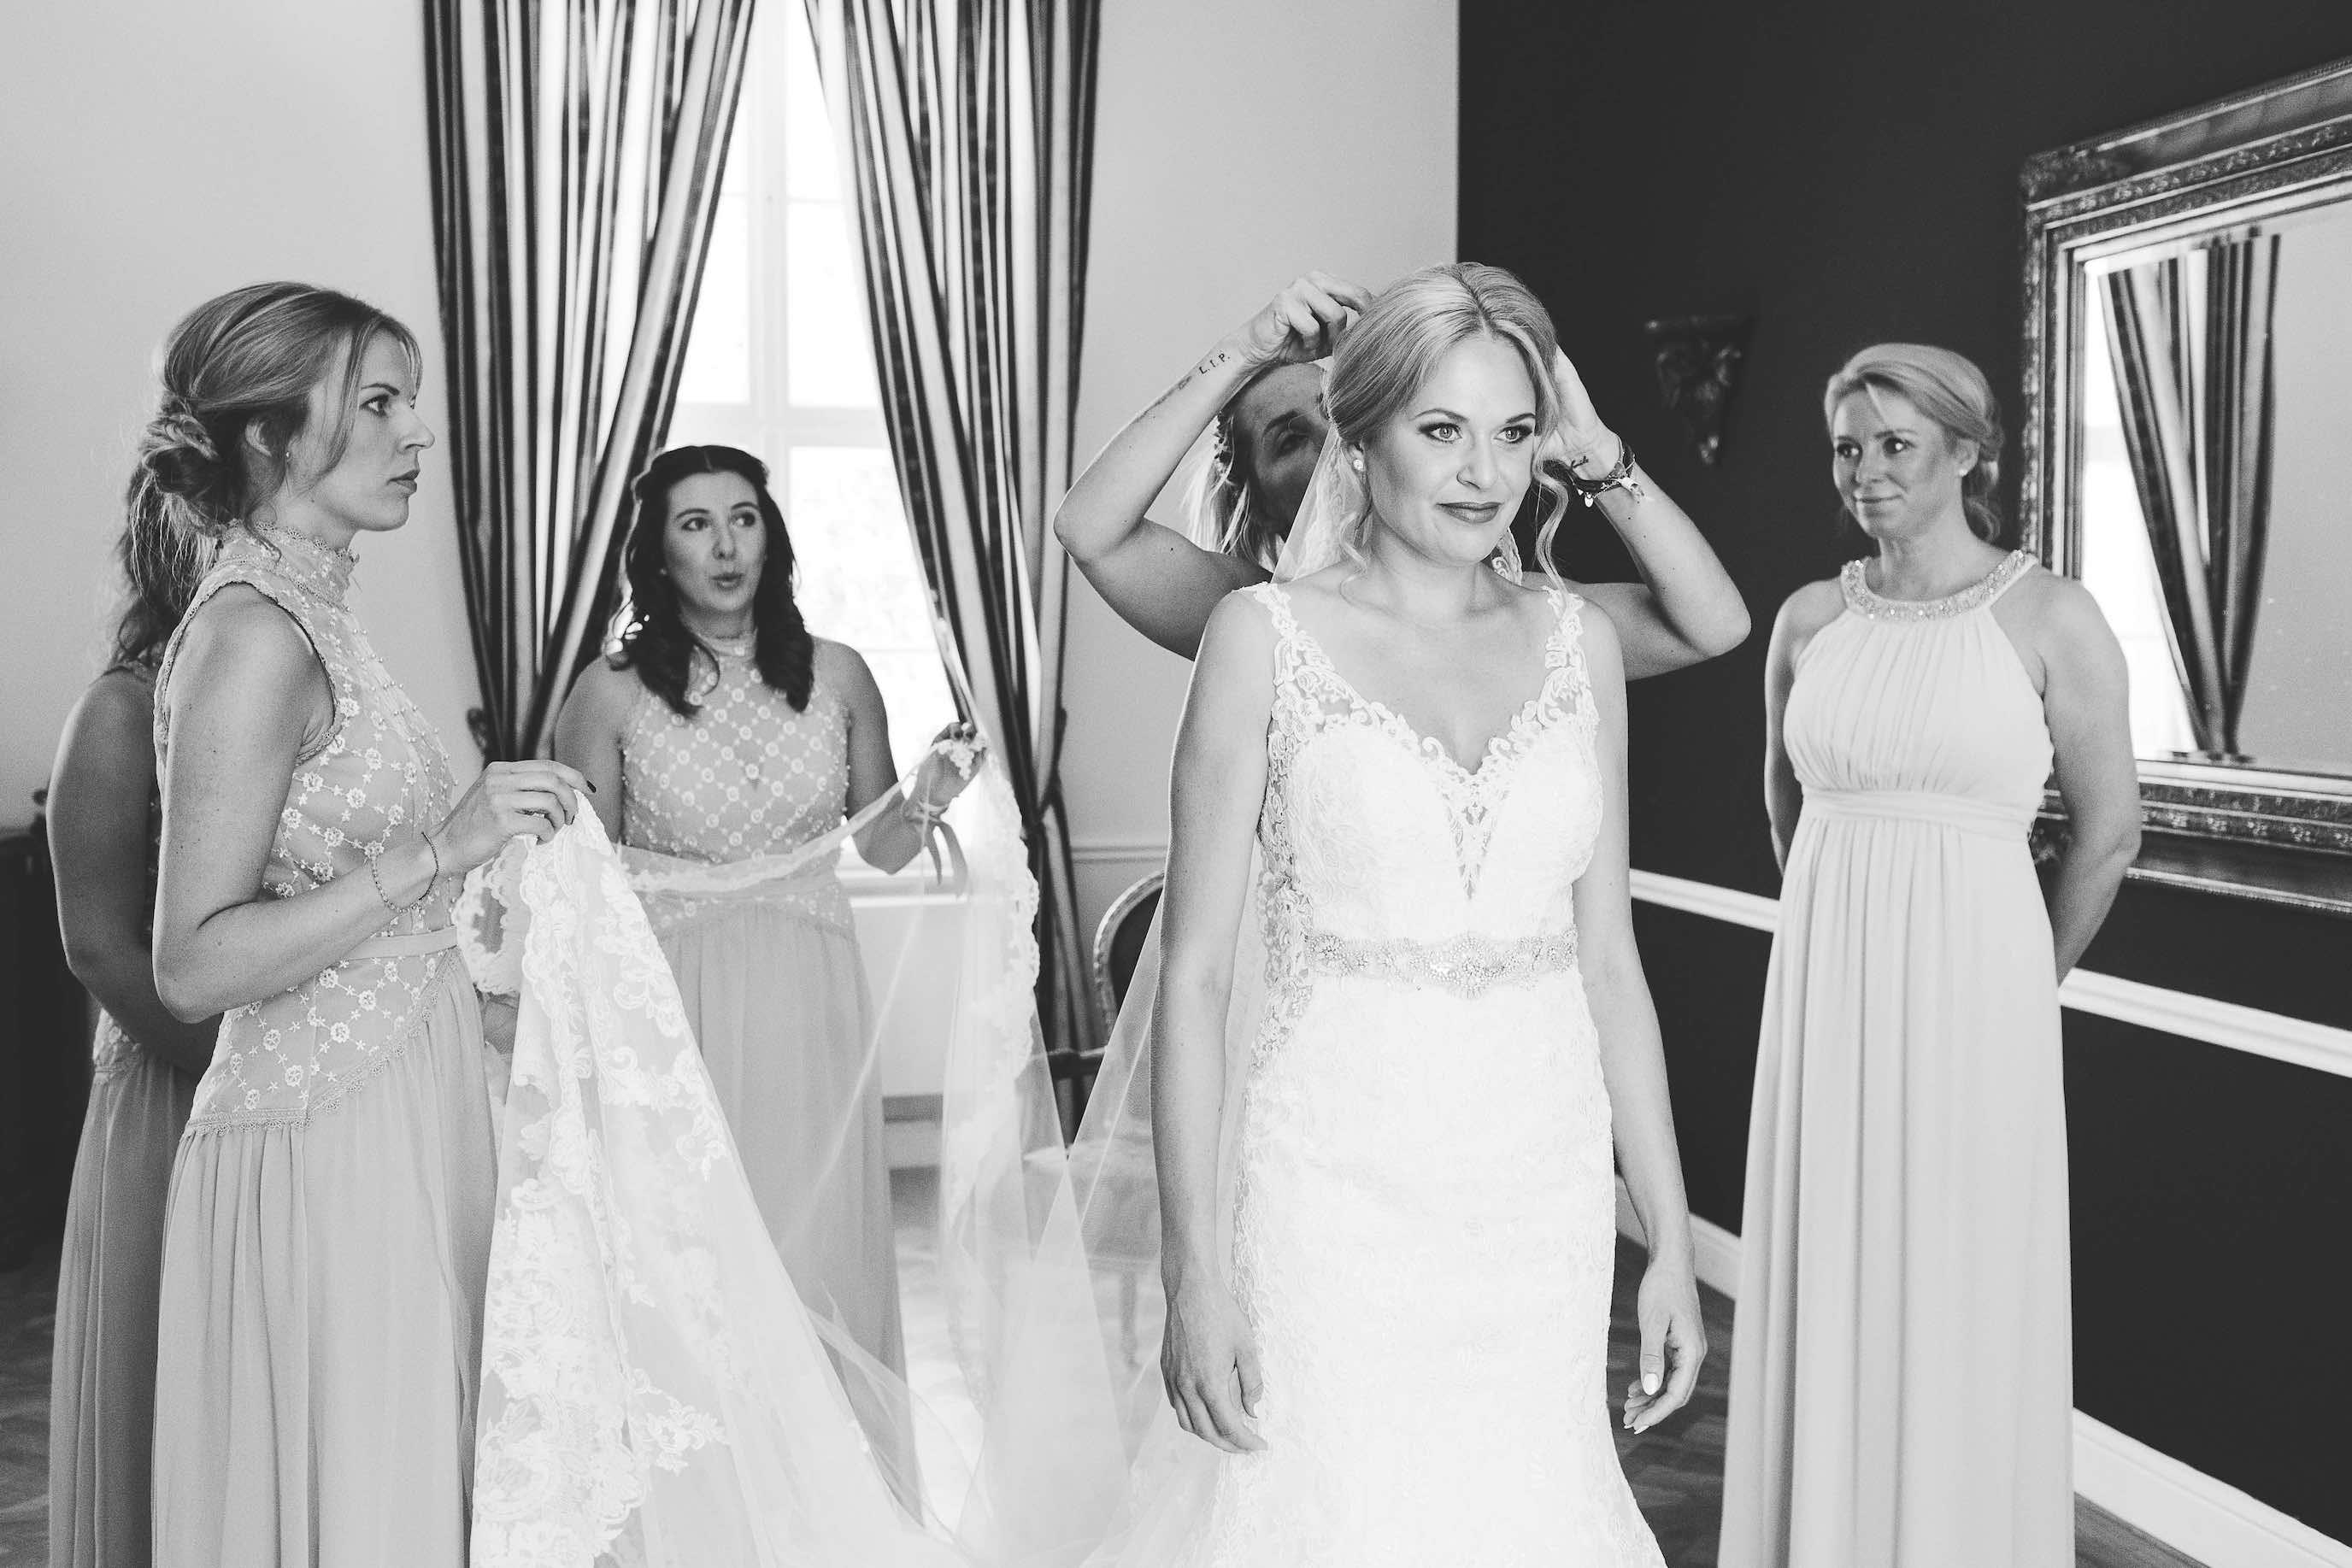 die Trauzeuginnen fixieren den Schleier der Braut